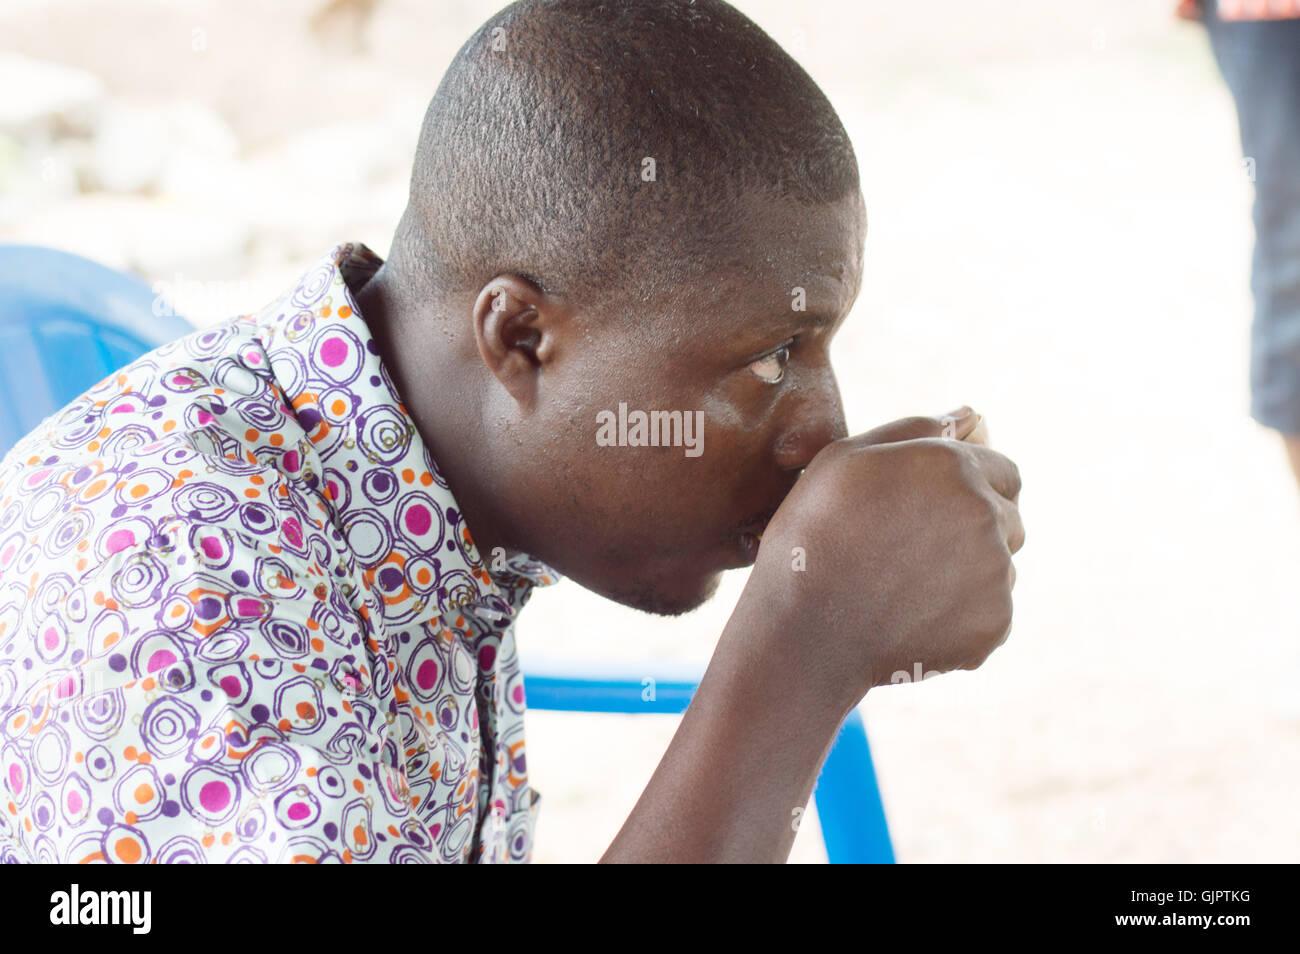 Con un tradizionale coppa in mano , questo giovane uomo rinfresca la gola da palm vino. Immagini Stock